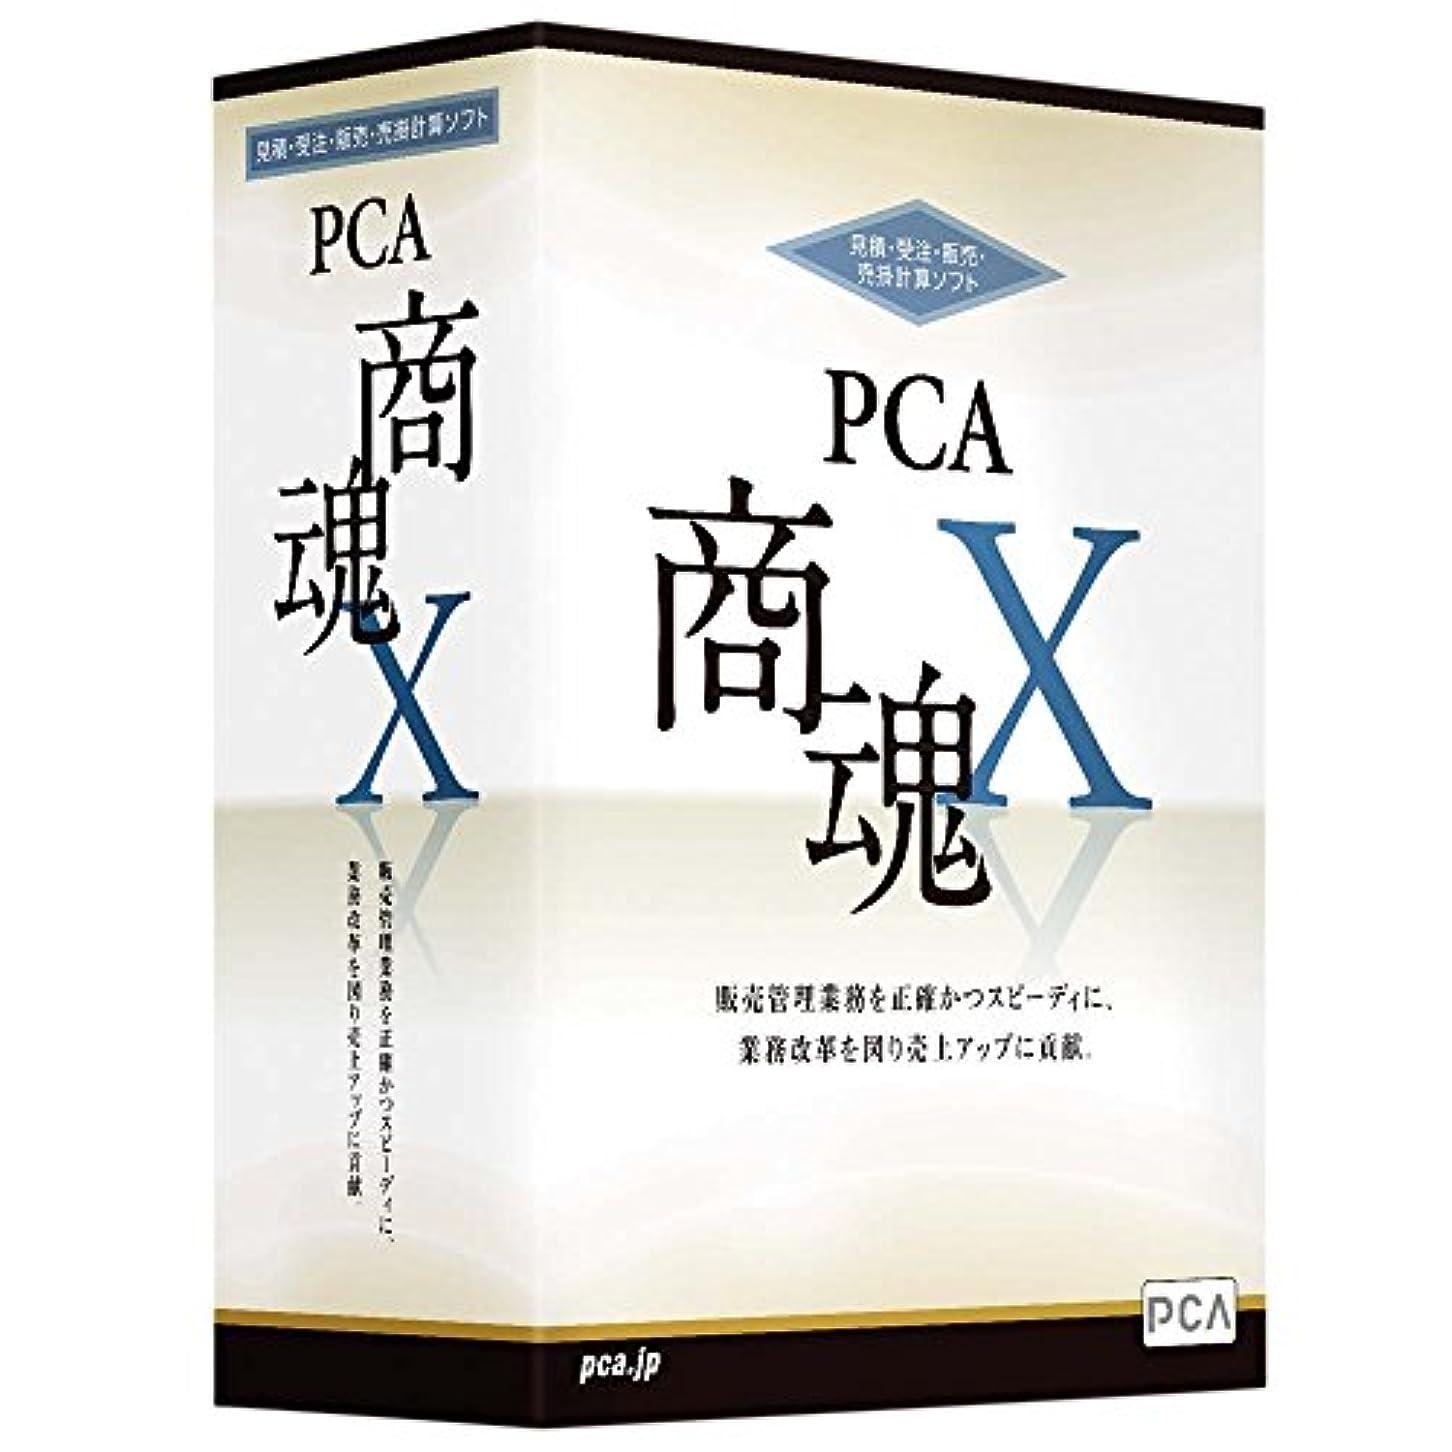 溢れんばかりのホールドオール塗抹PCA商魂X with SQL 15クライアント